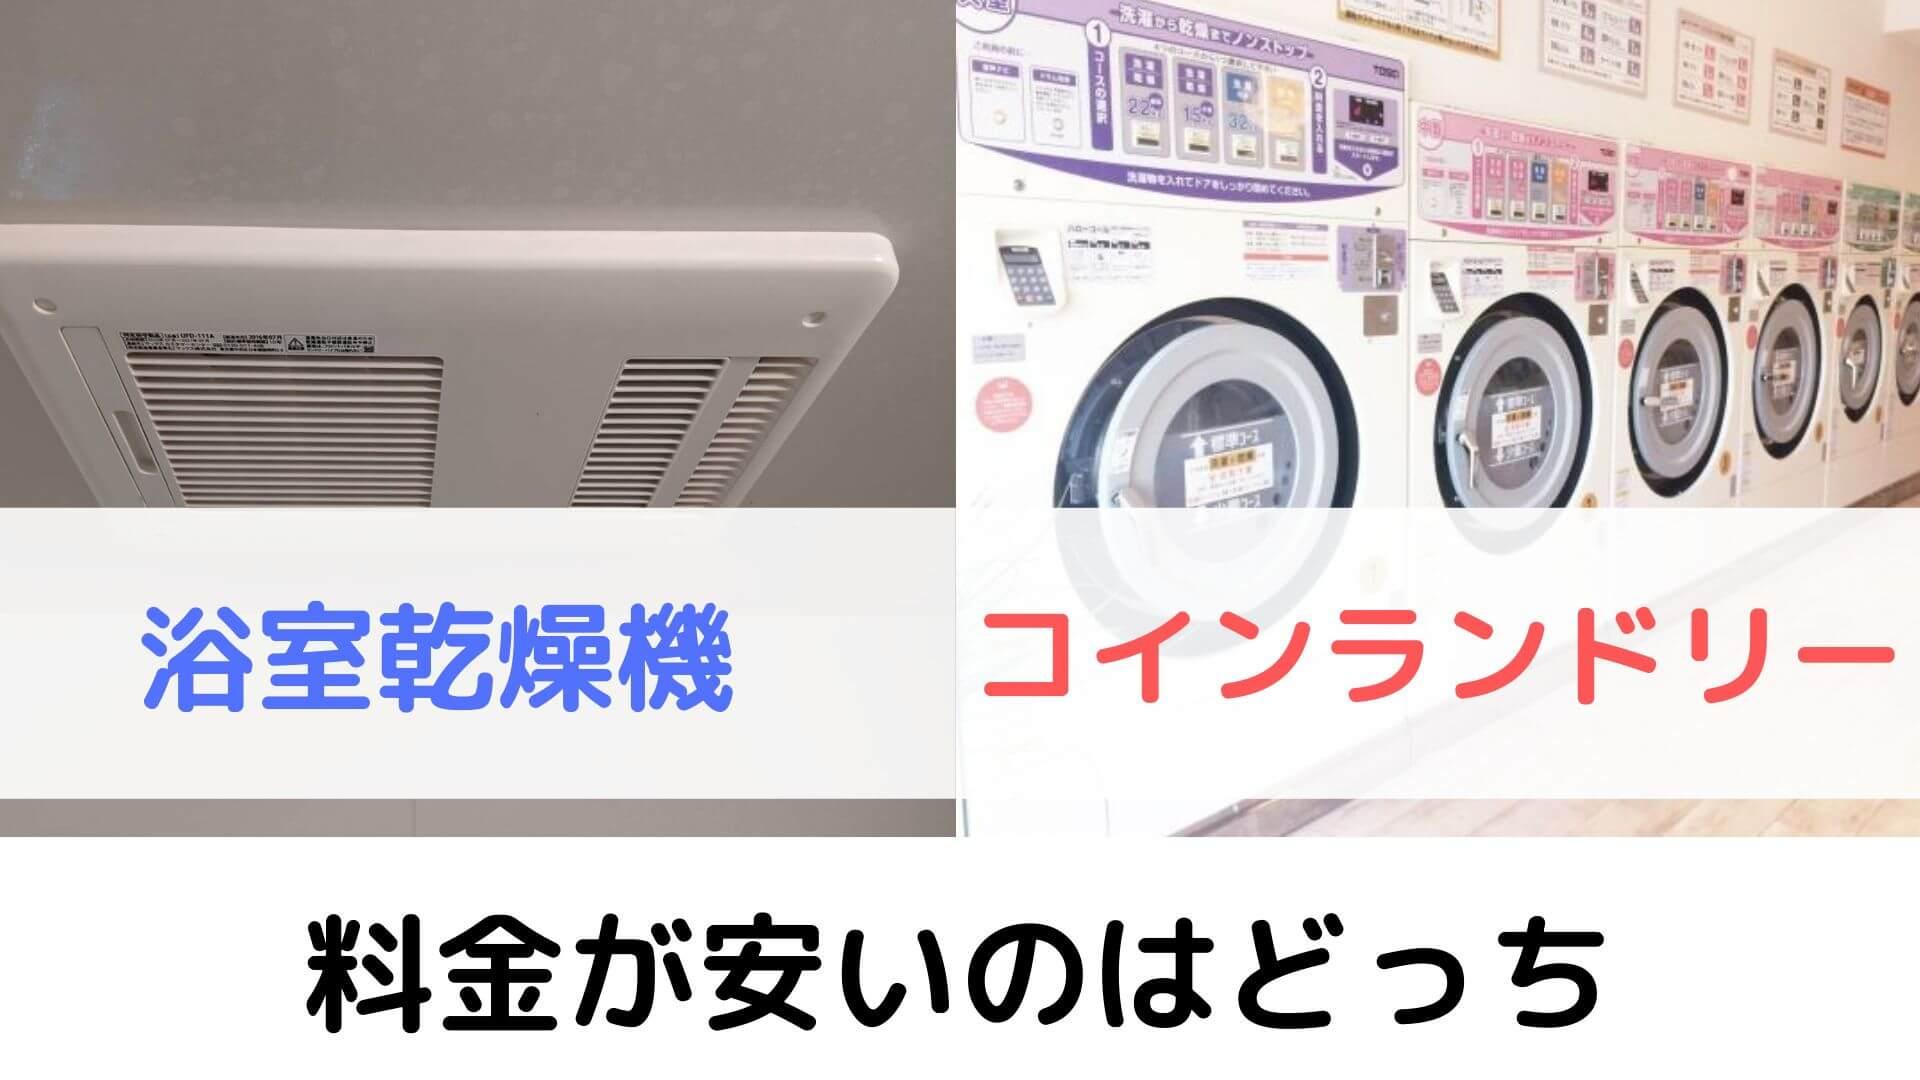 浴室乾燥機とコインランドリー